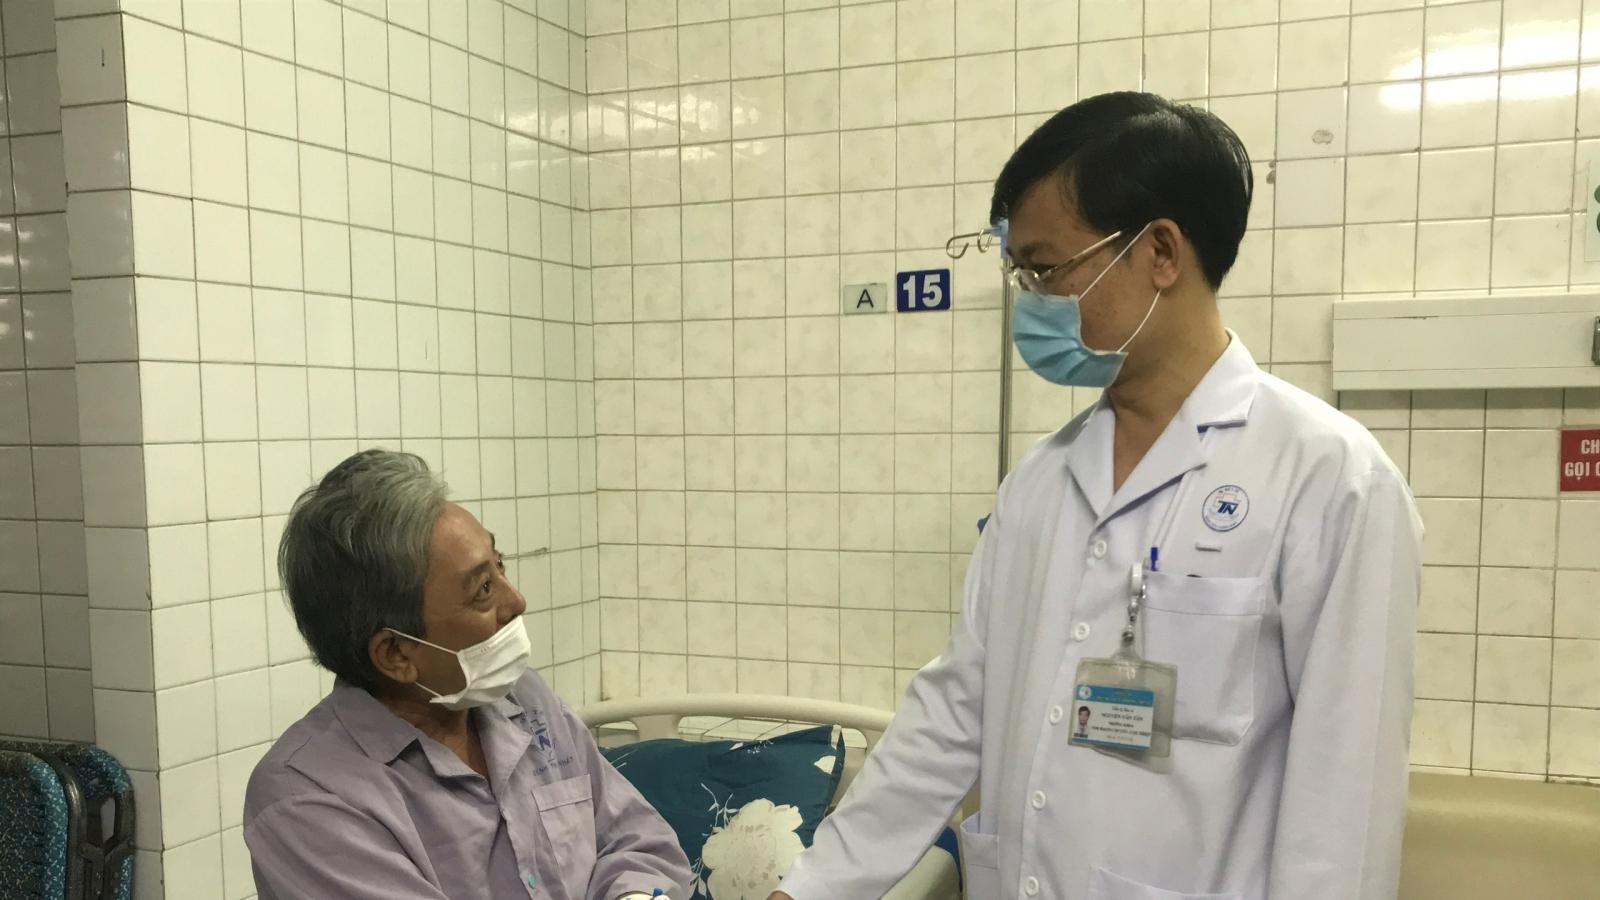 Cứu sống kịp thời một bệnh nhân đã chết lâm sàng 15 phút